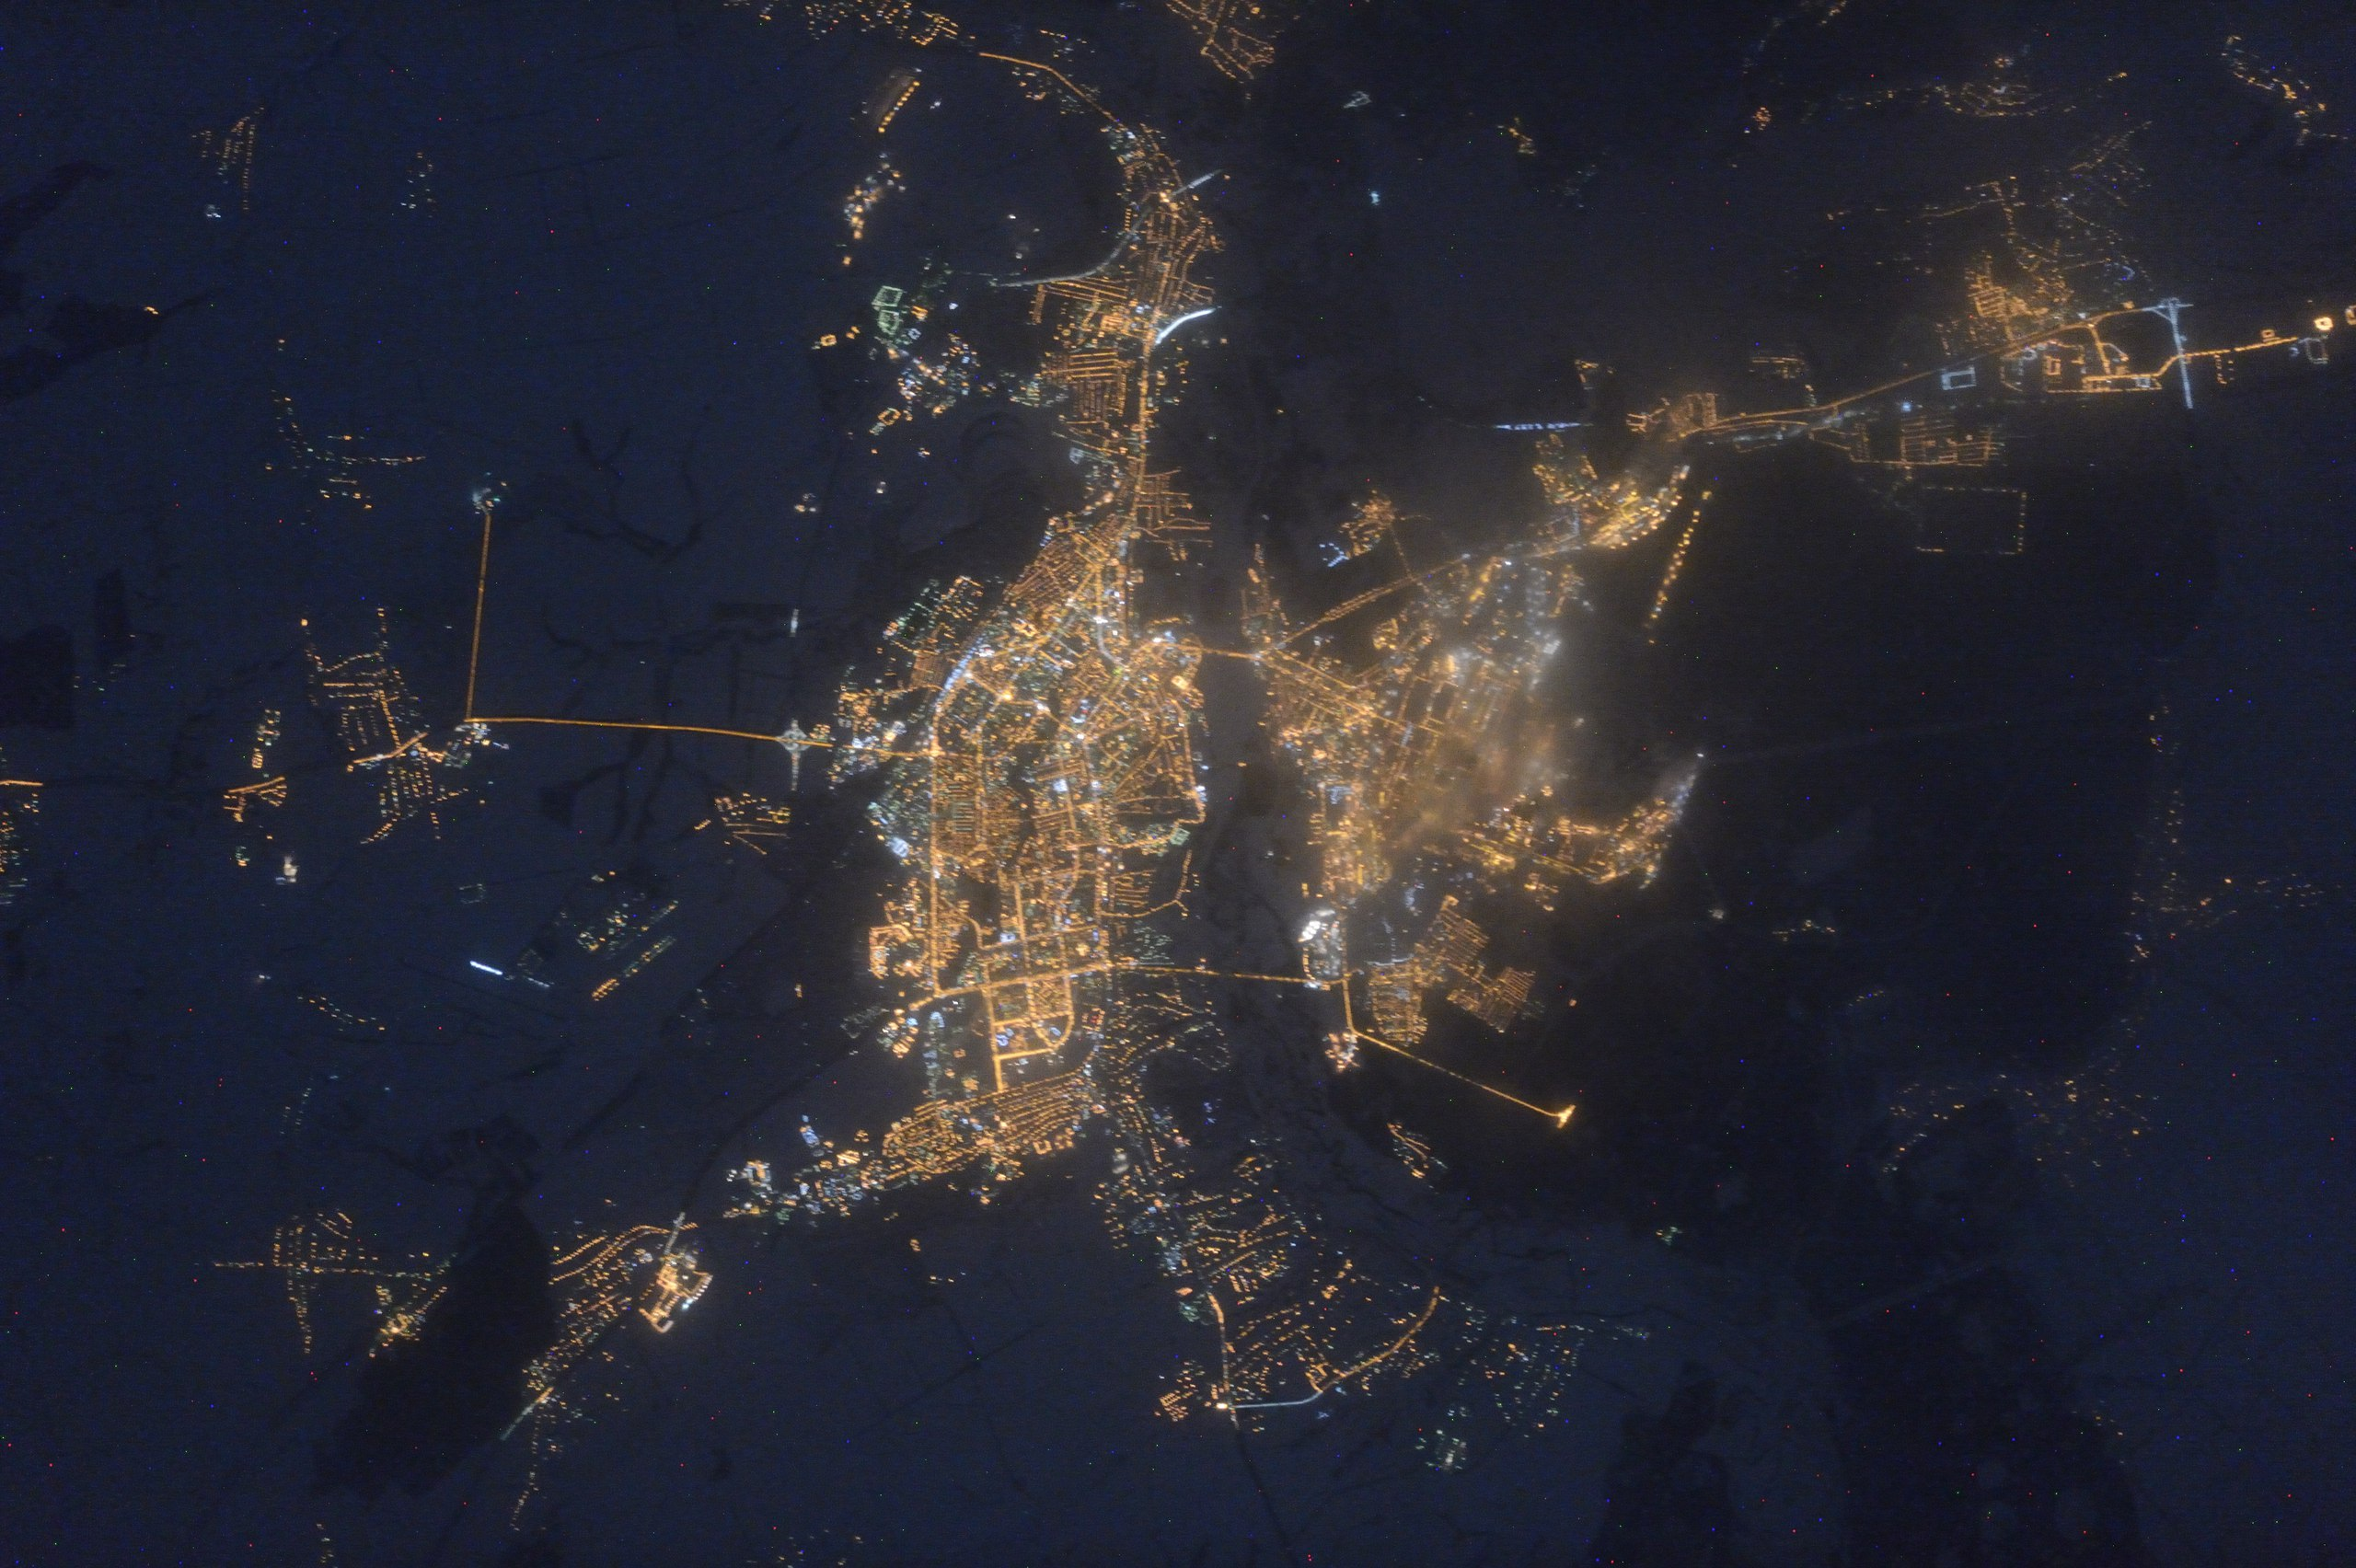 Липецк ночью из космоса